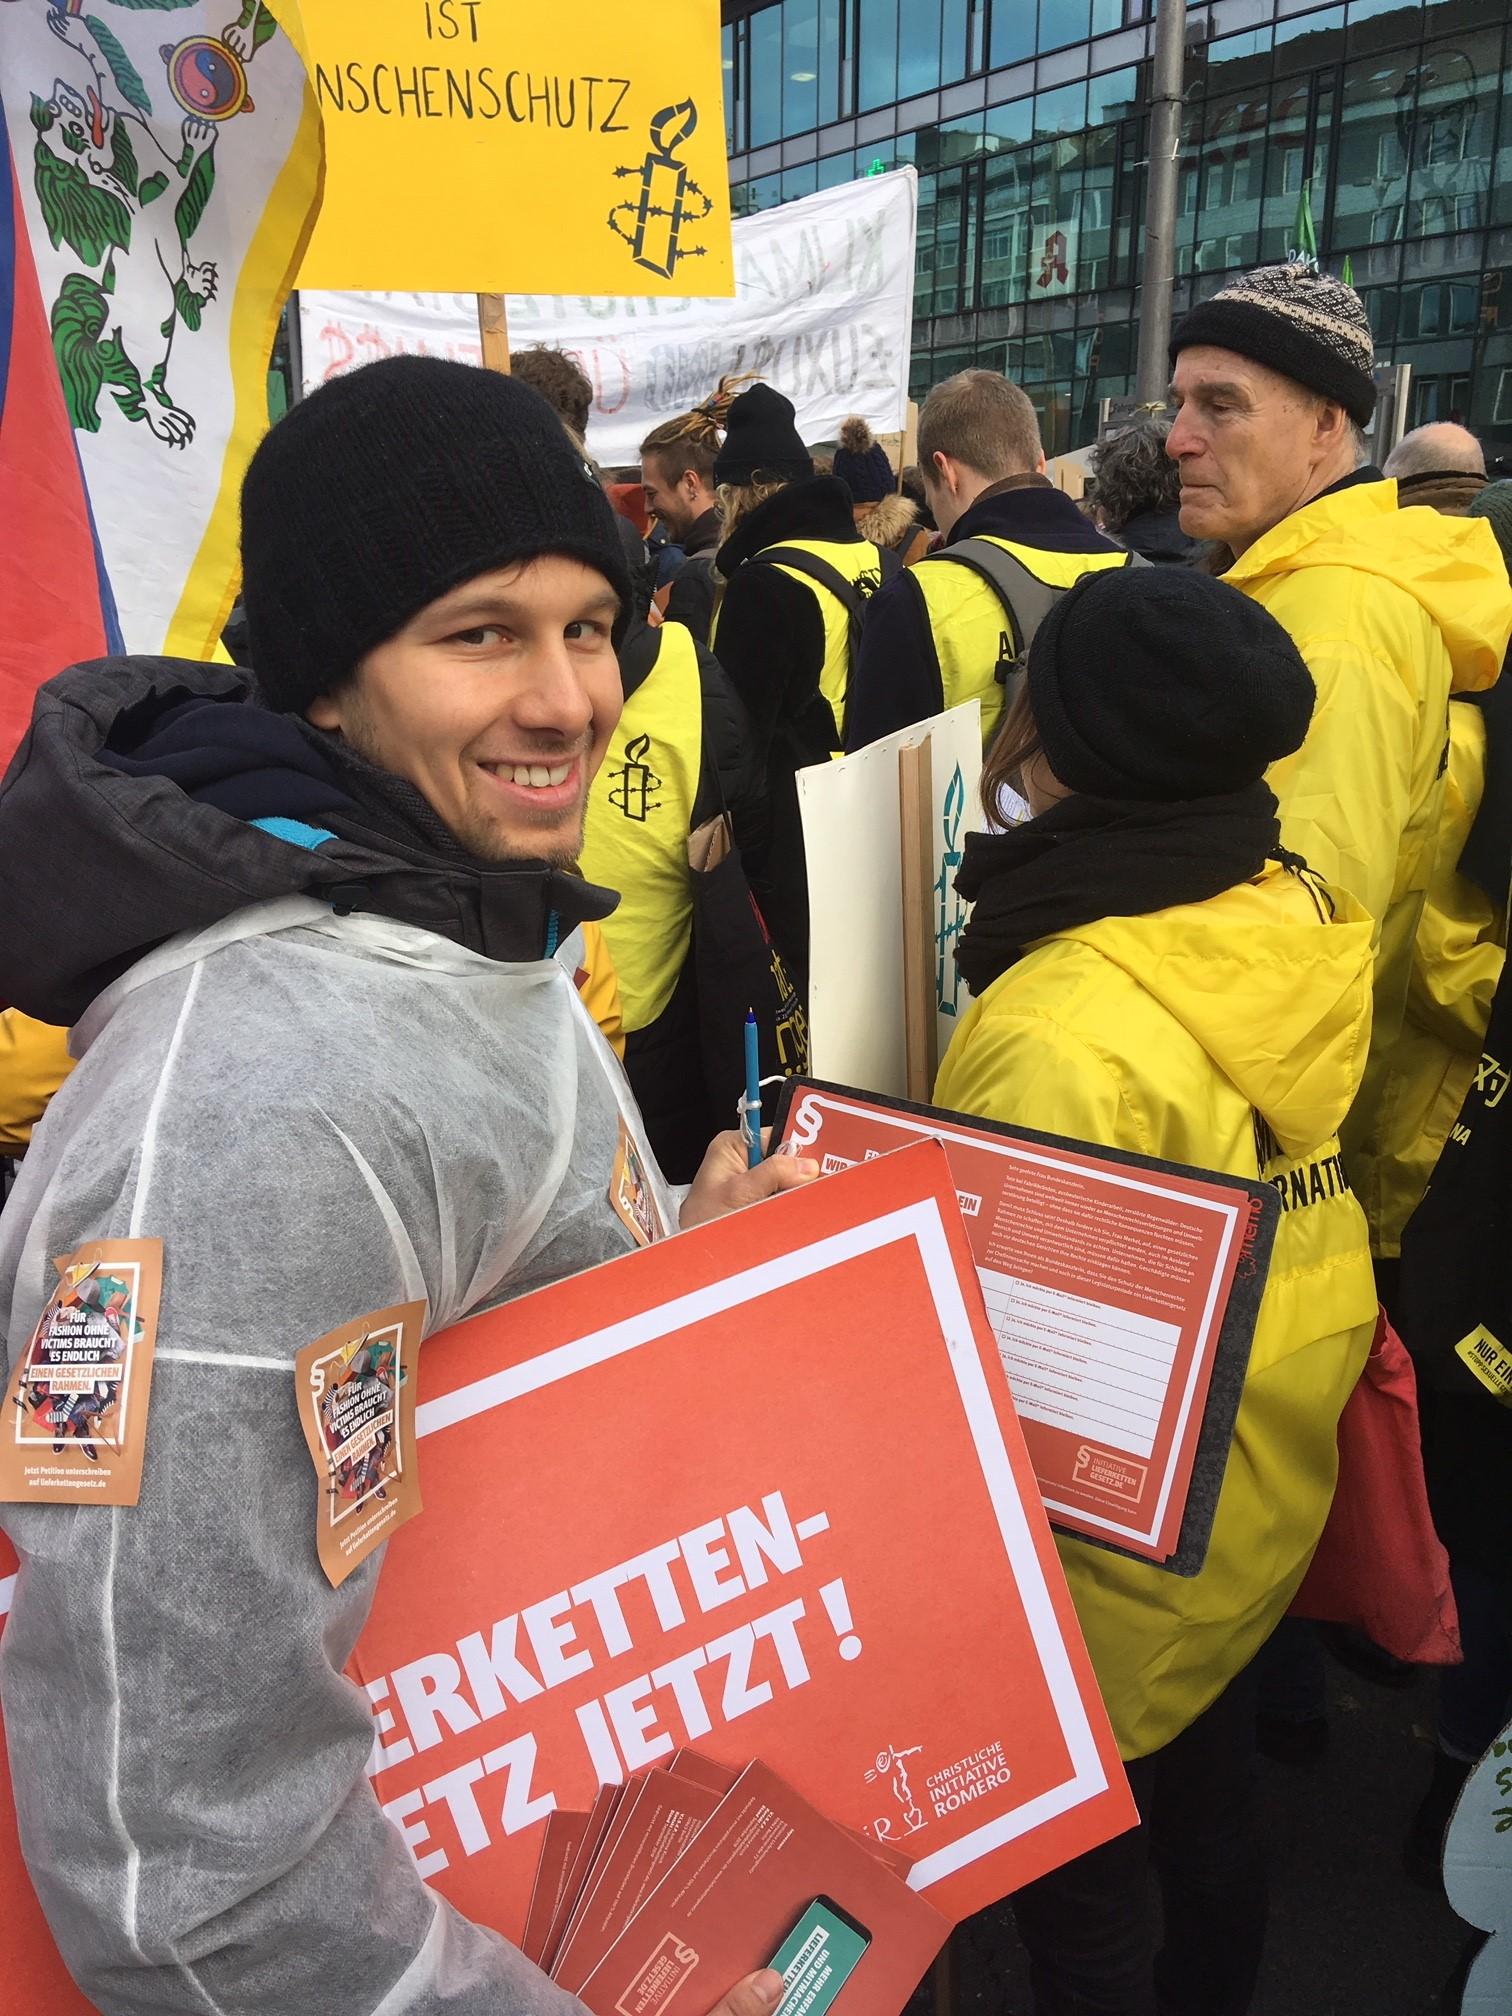 Unterschiftensammlung auf Demonstration